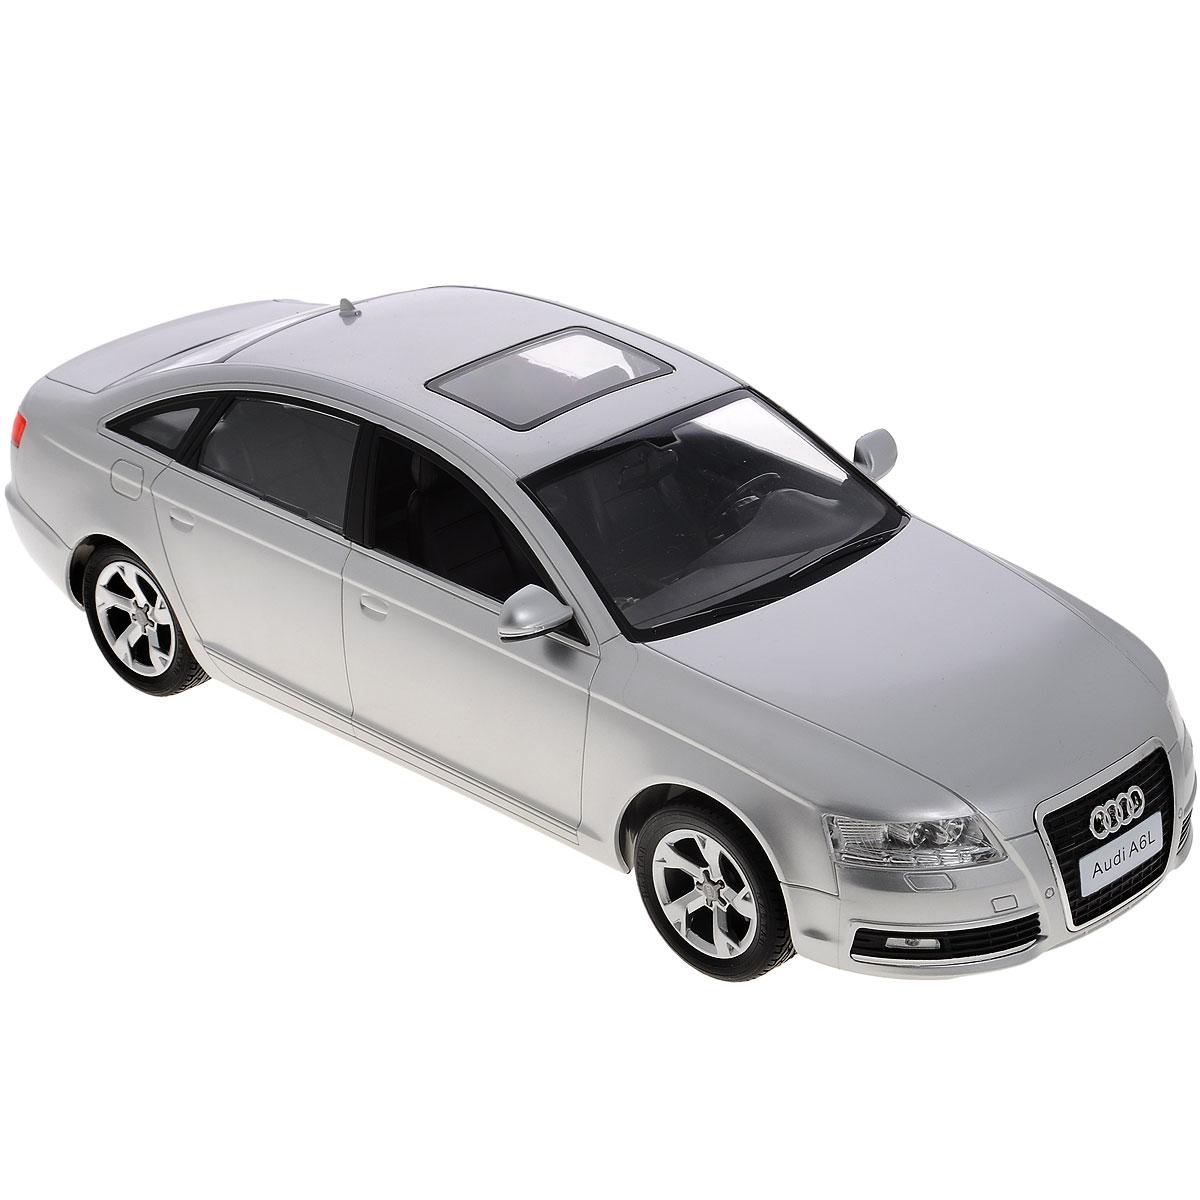 Rastar Радиоуправляемая модель Audi A6L цвет серебристый rastar радиоуправляемая модель audi a6l цвет серебристый